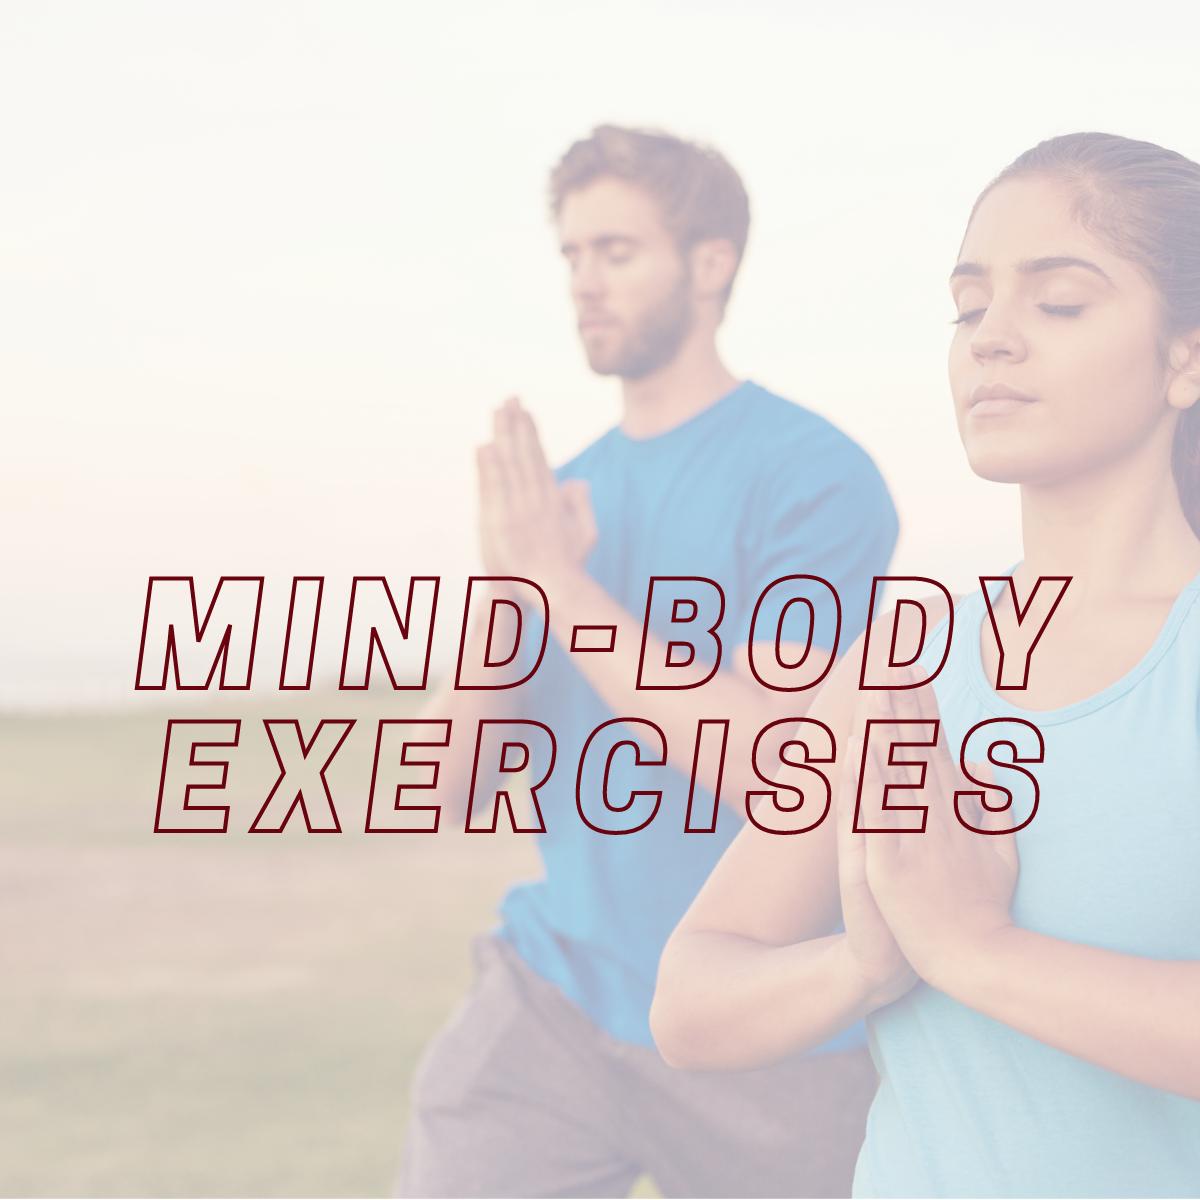 Mind-Body Excercises